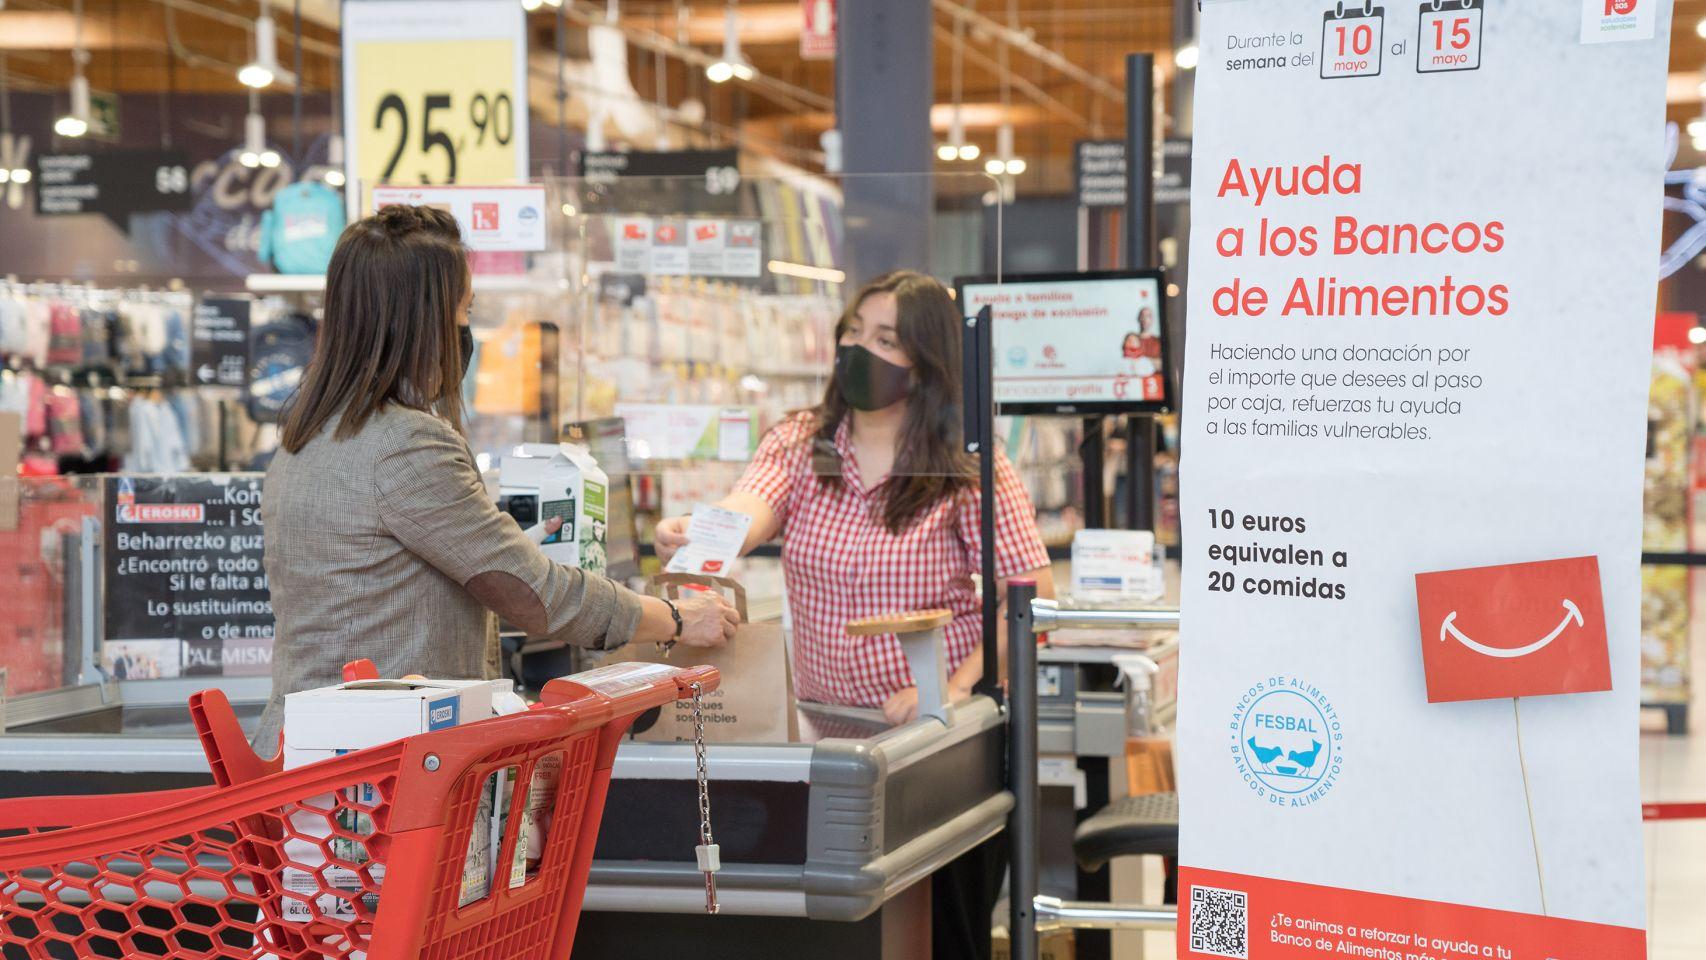 Vegalsa-Eroski dona 100.000 comidas para bancos de alimentos gracias a una de sus campañas